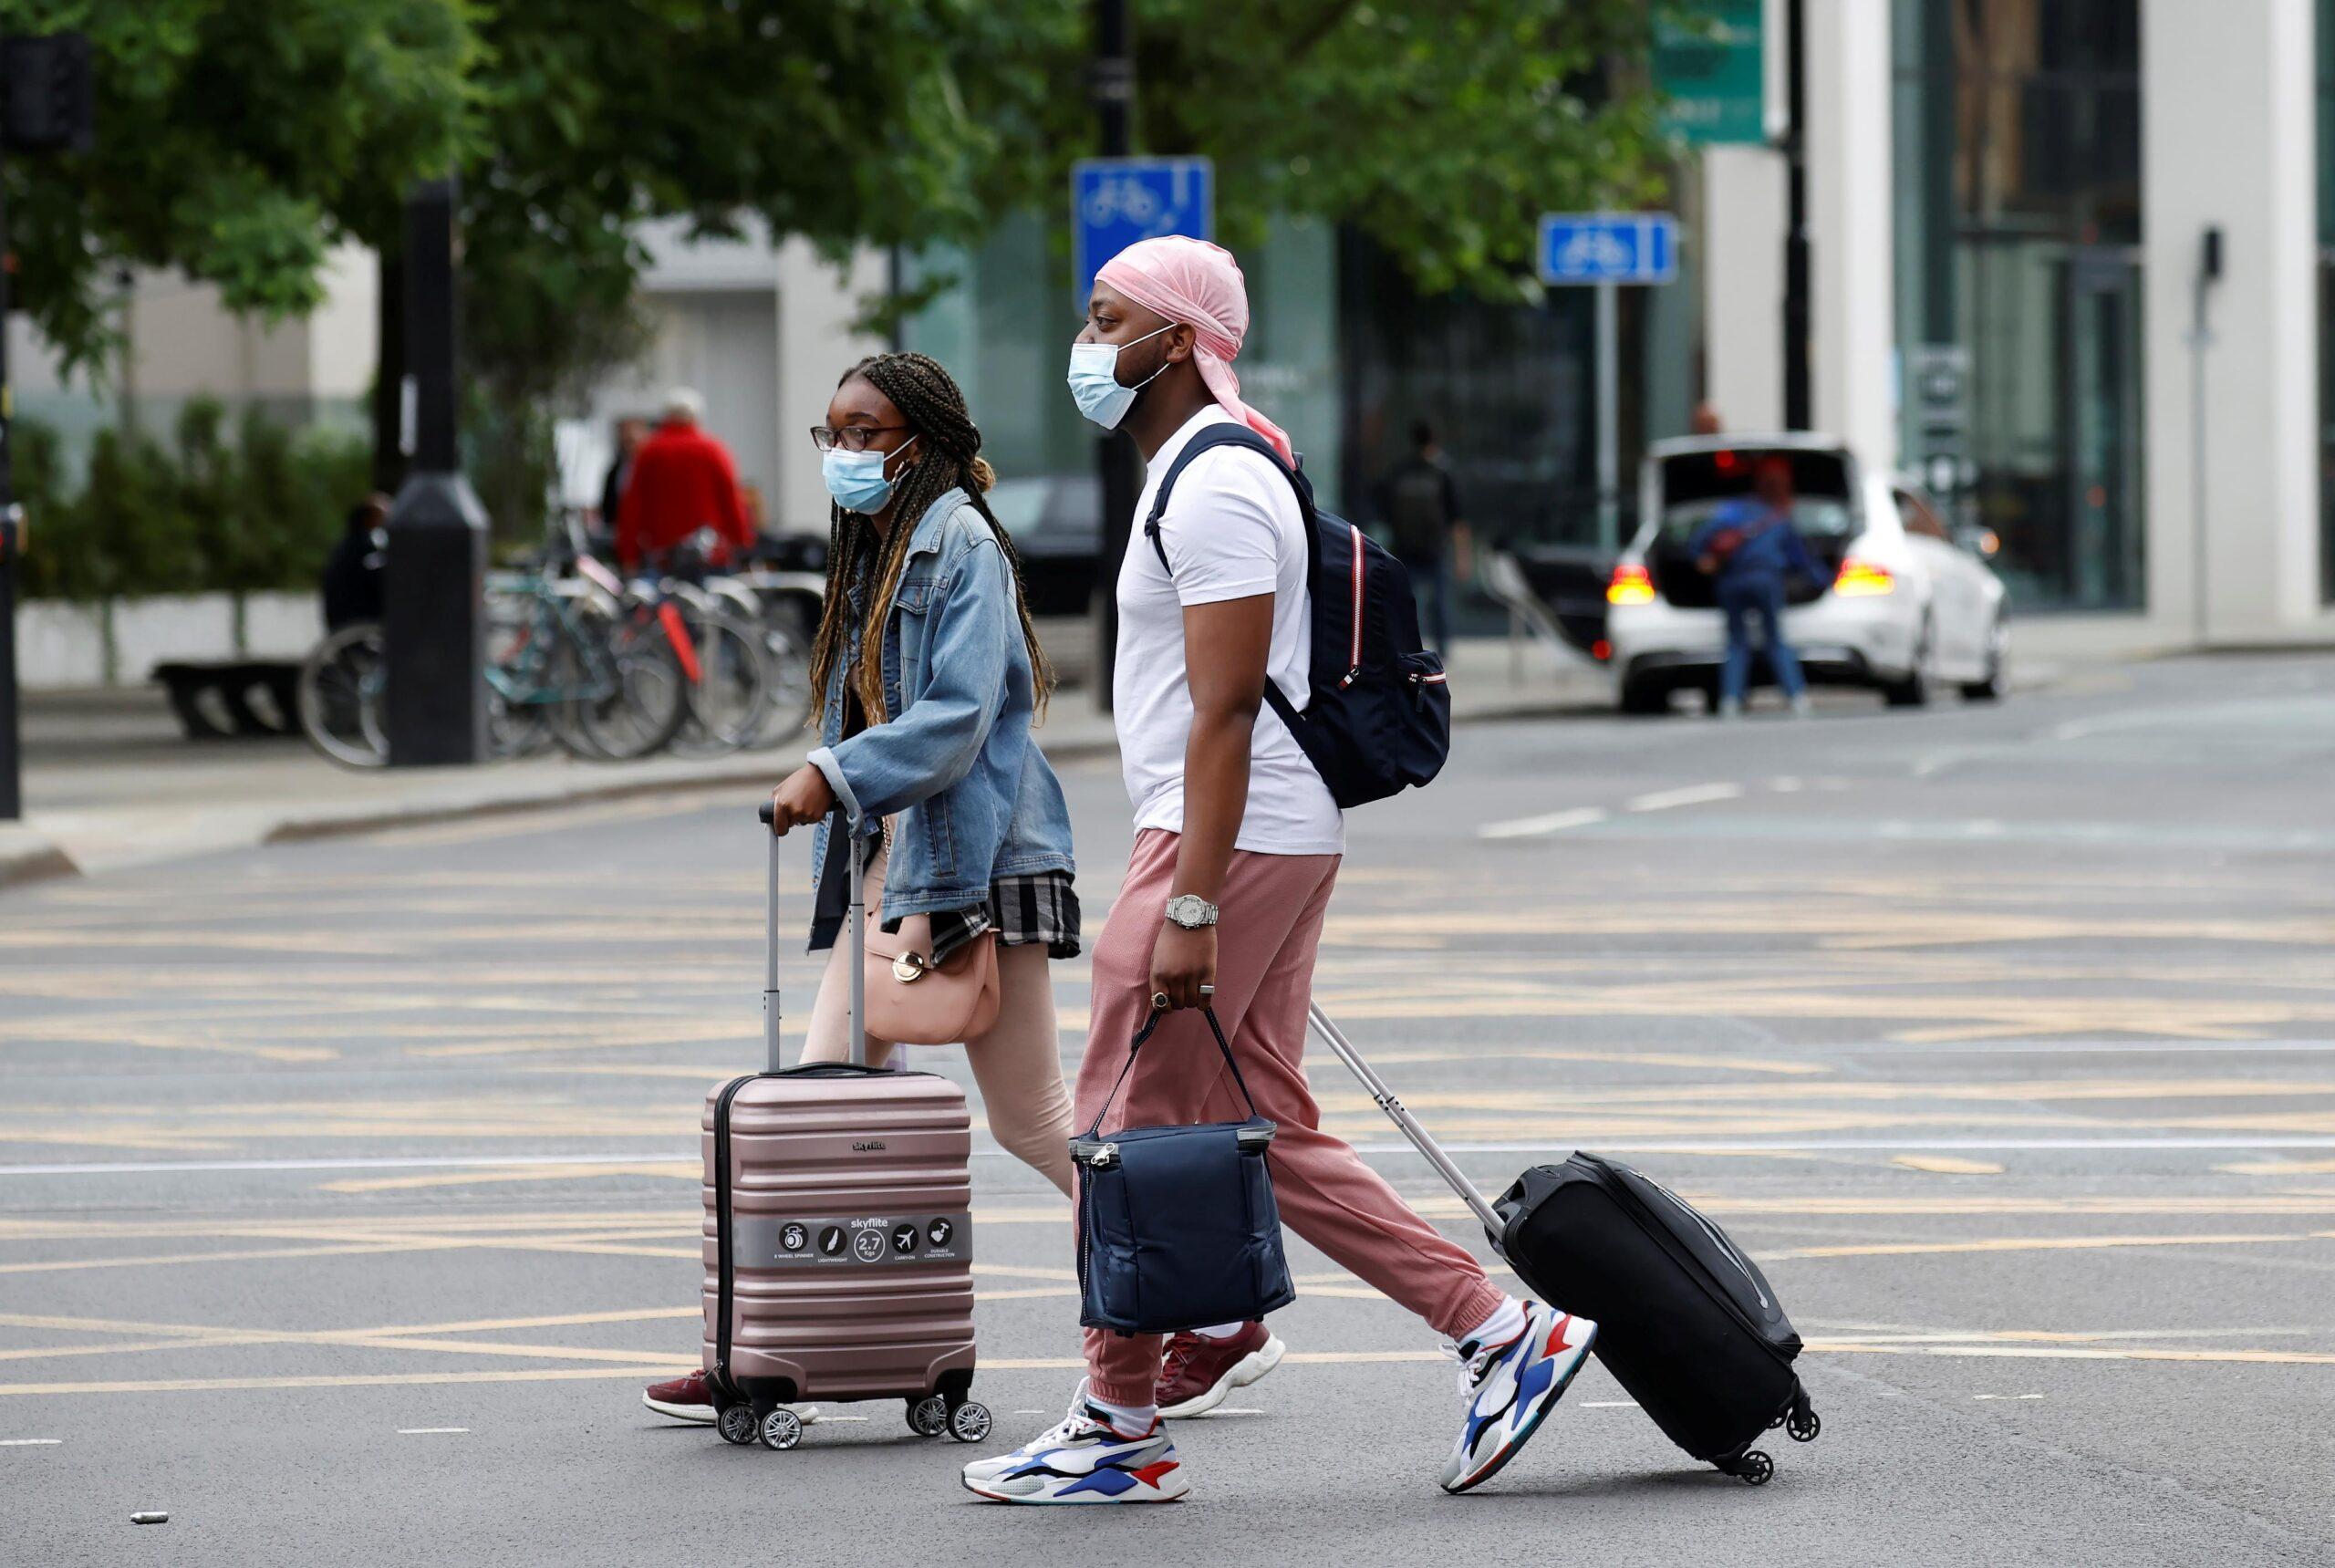 الولايات المتحدة تفتح حدودها أمام جميع المسافرين الملقحين ضد كوفيد